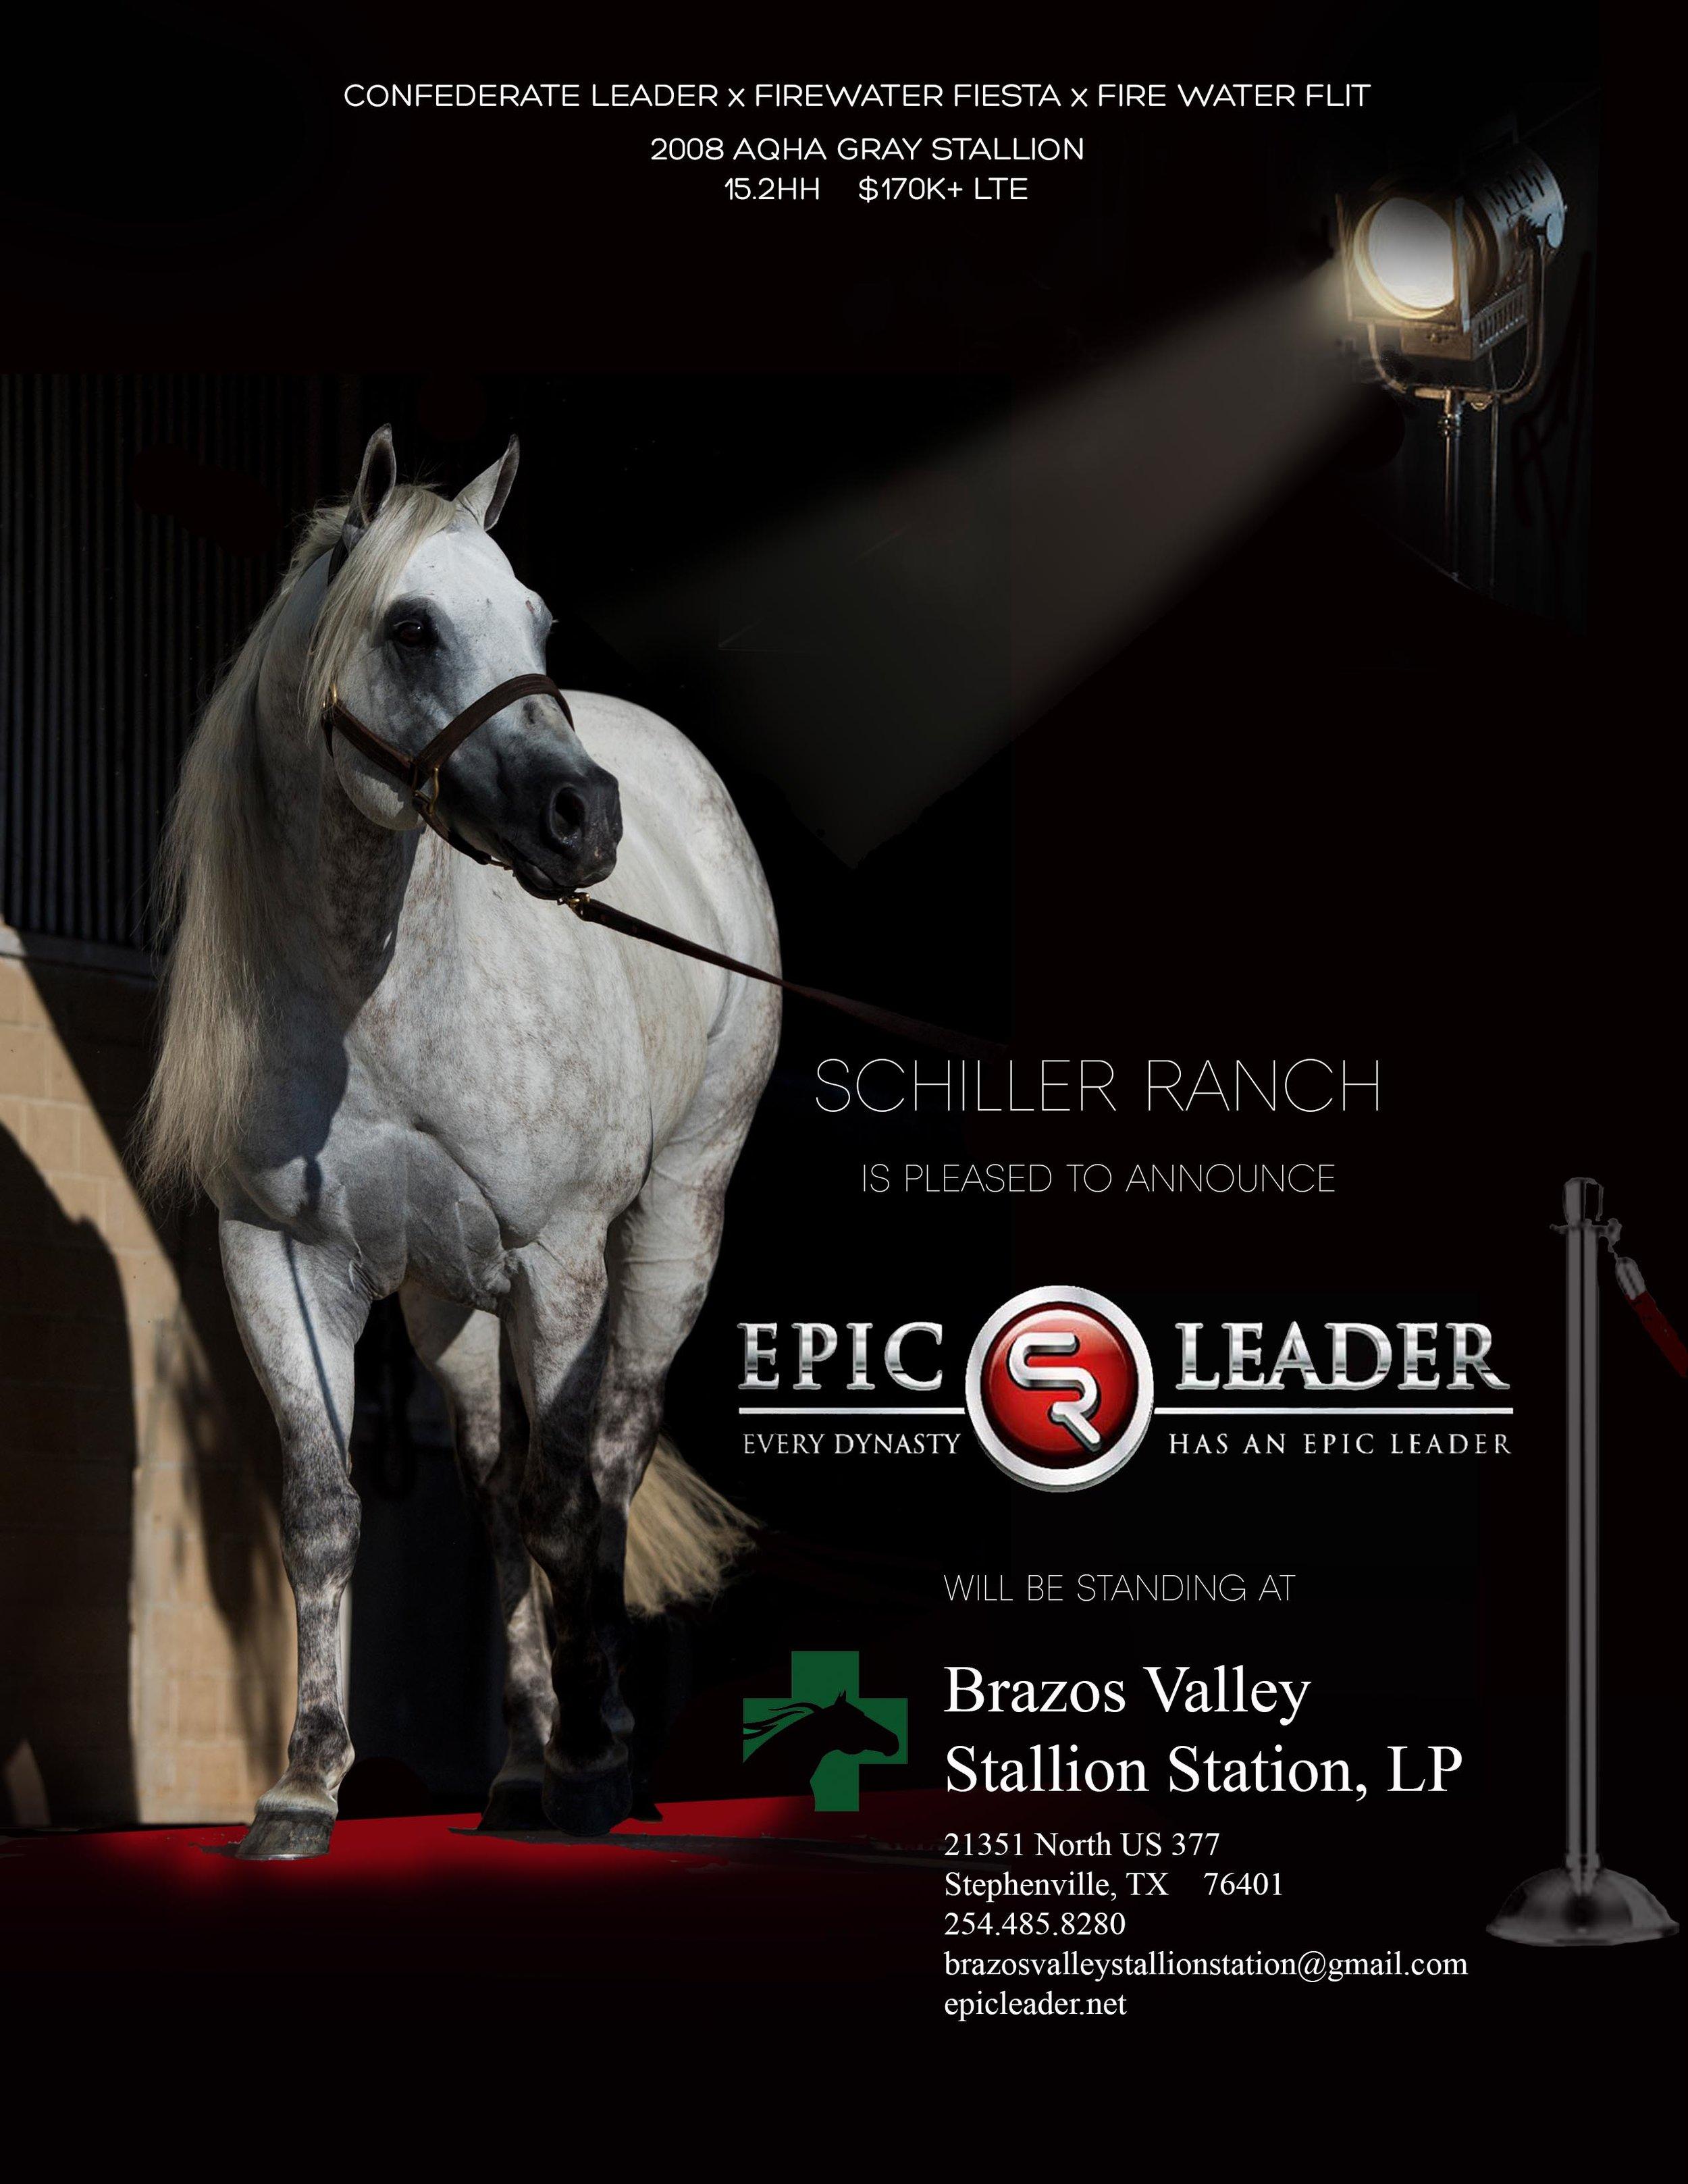 Brazos Valley Stallion Station Proof 02.jpg